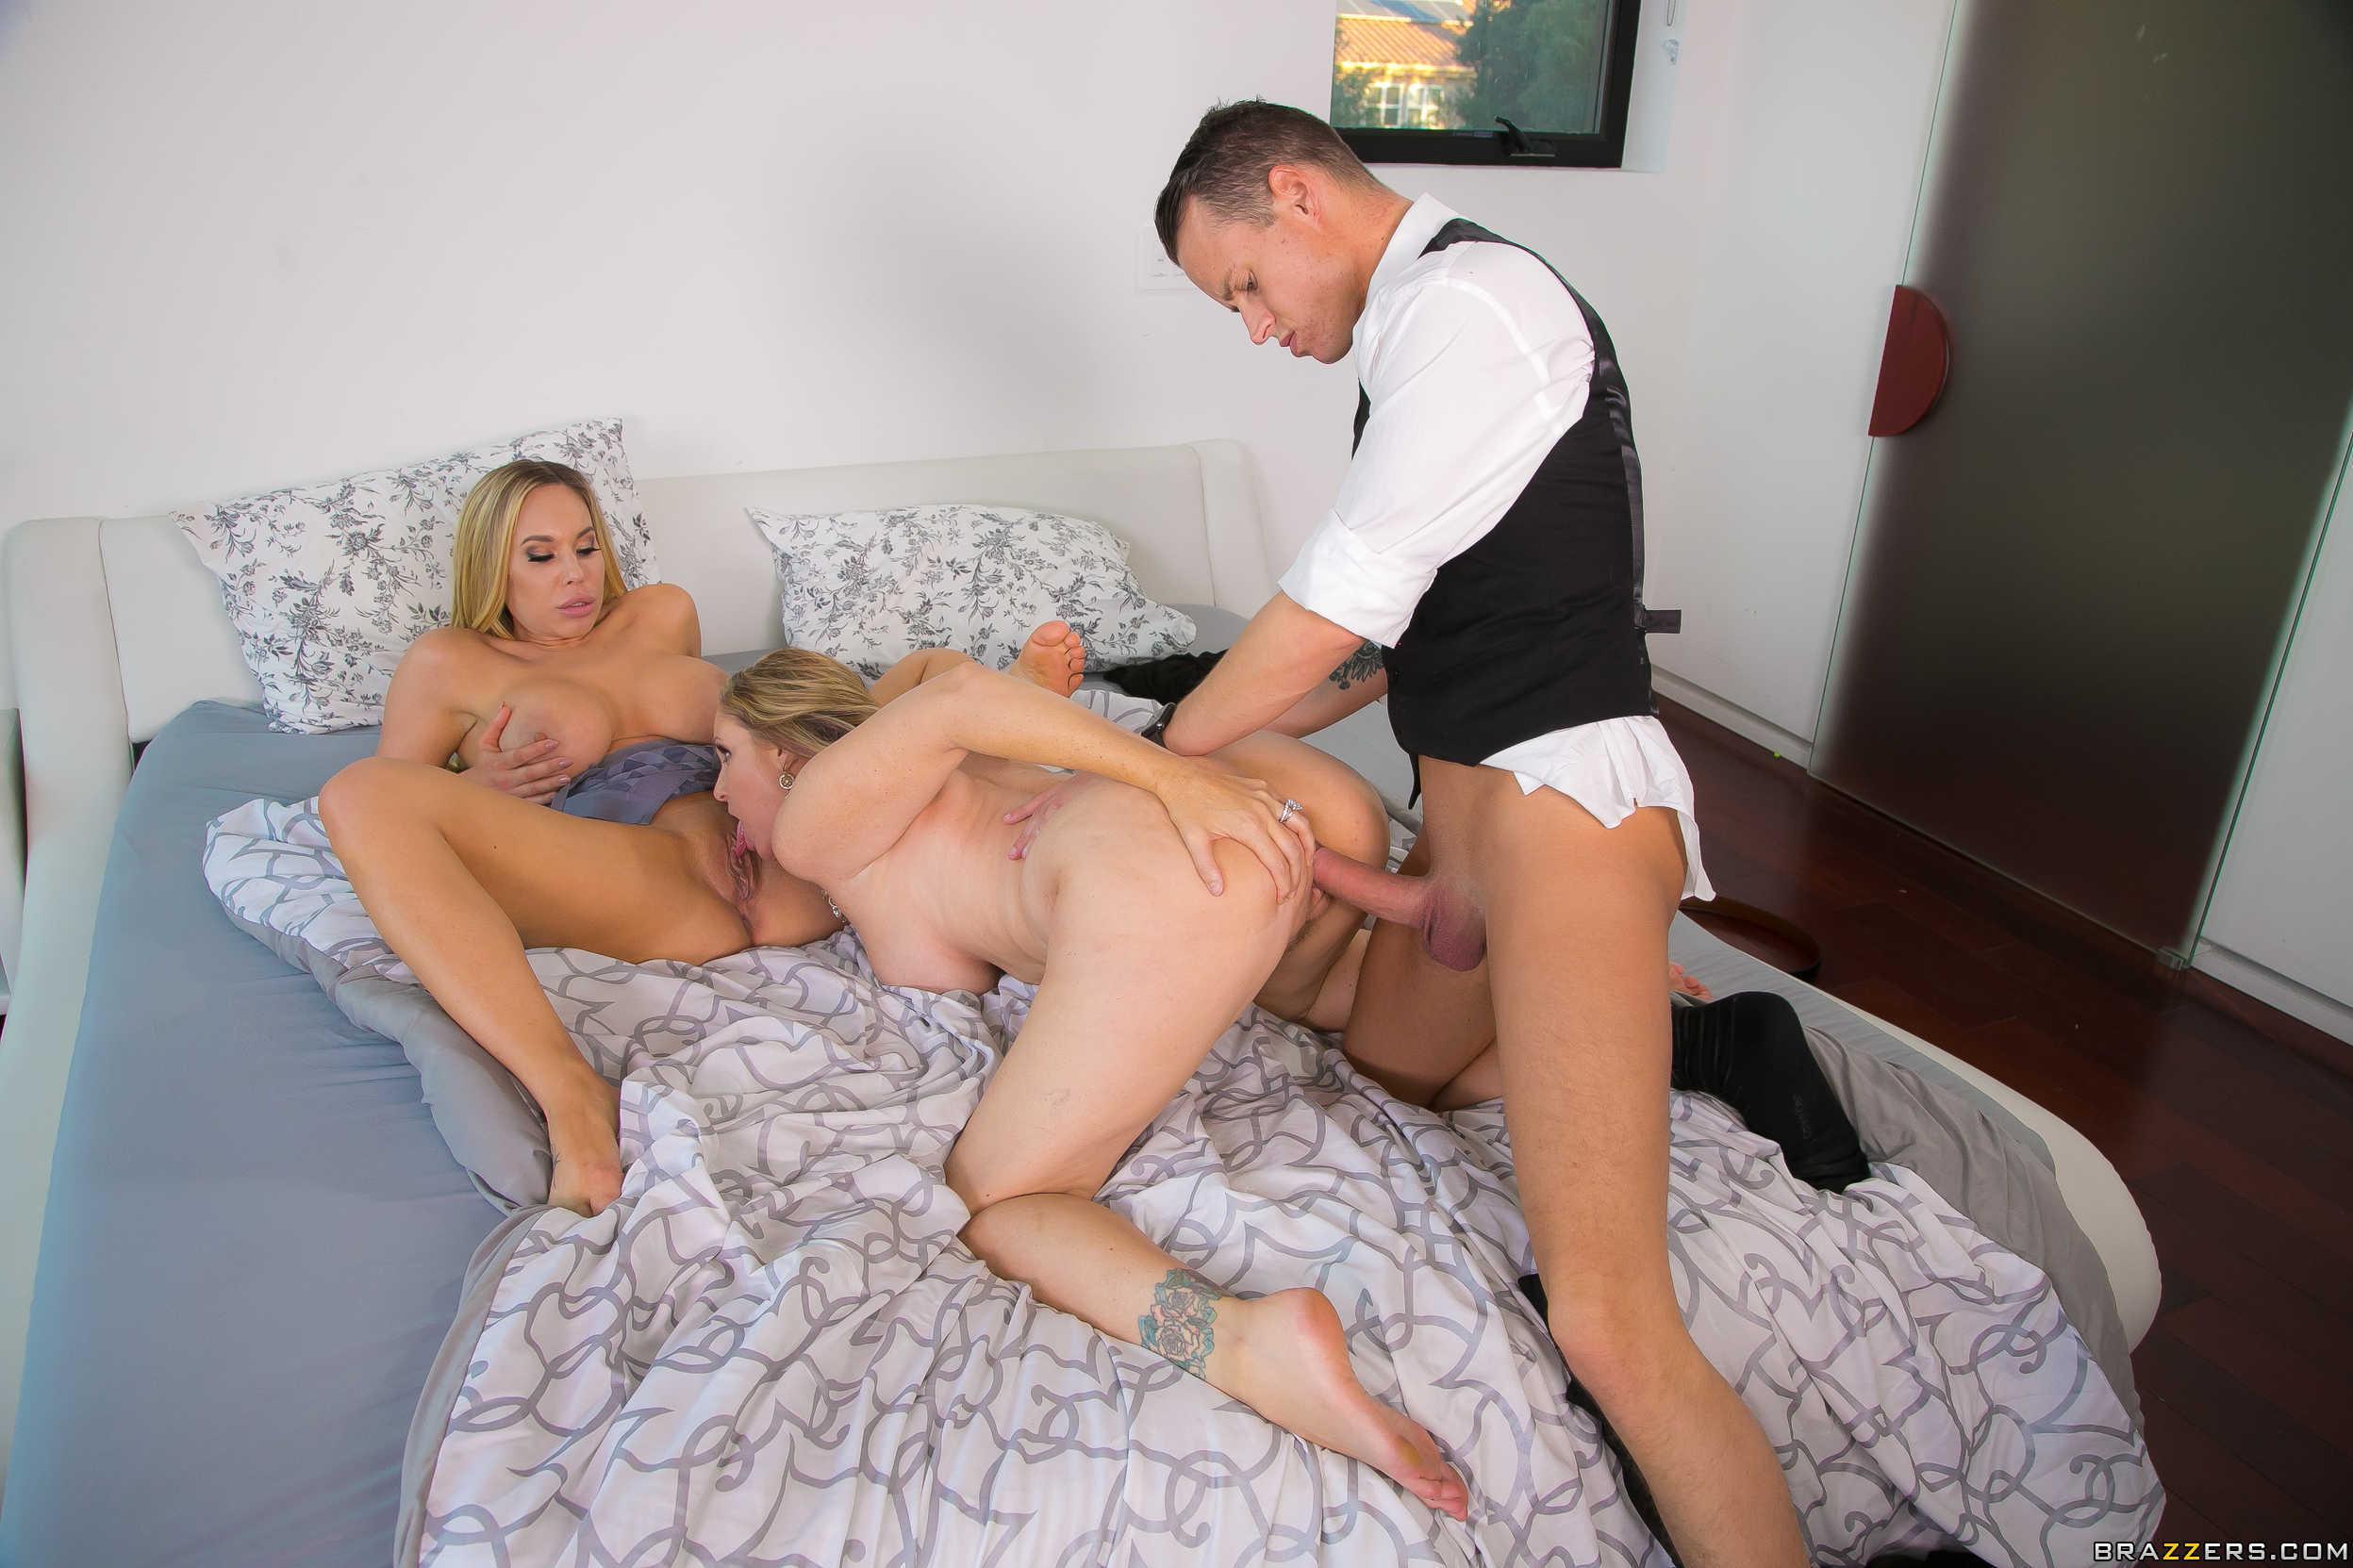 Blonde babe got her pussy fucked hard by her boyfriend